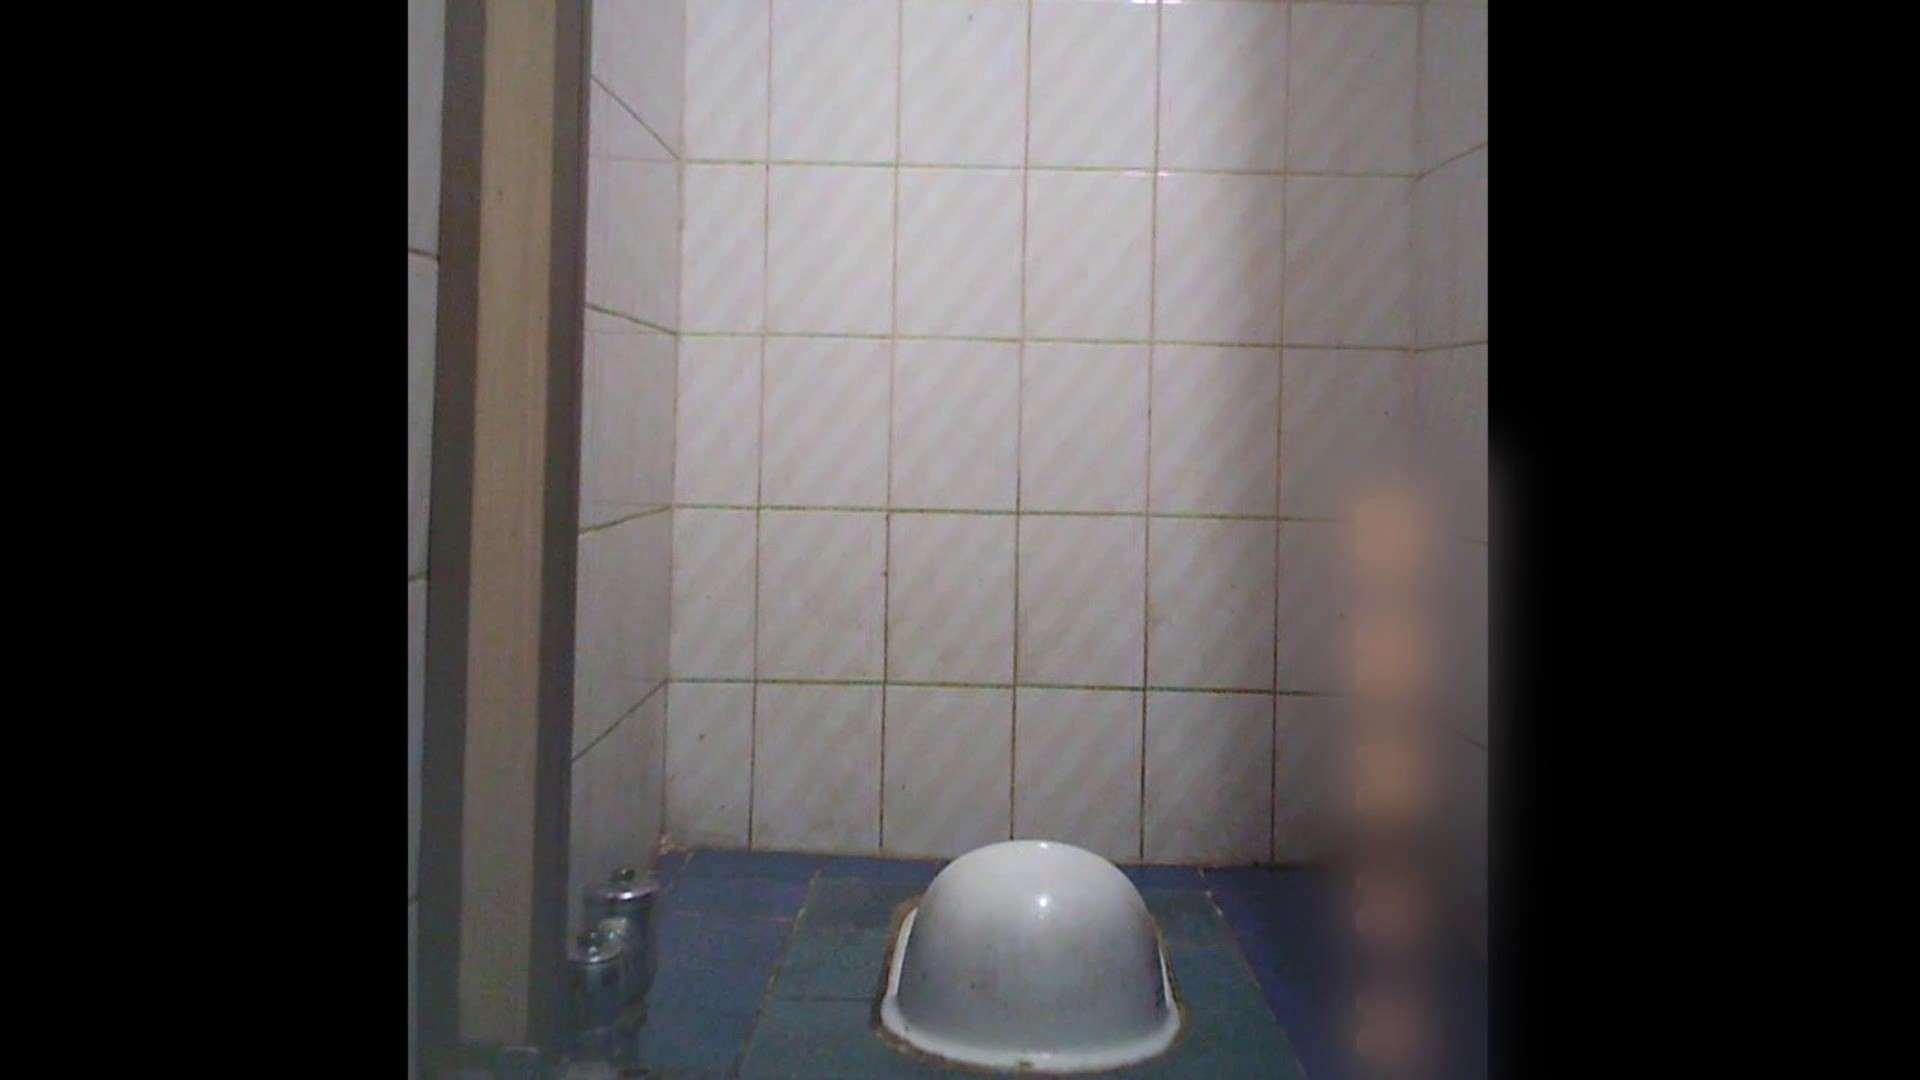 潜入!!韓国秘密のトイレ!Vol.12 盗撮   独身エッチOL  100pic 99